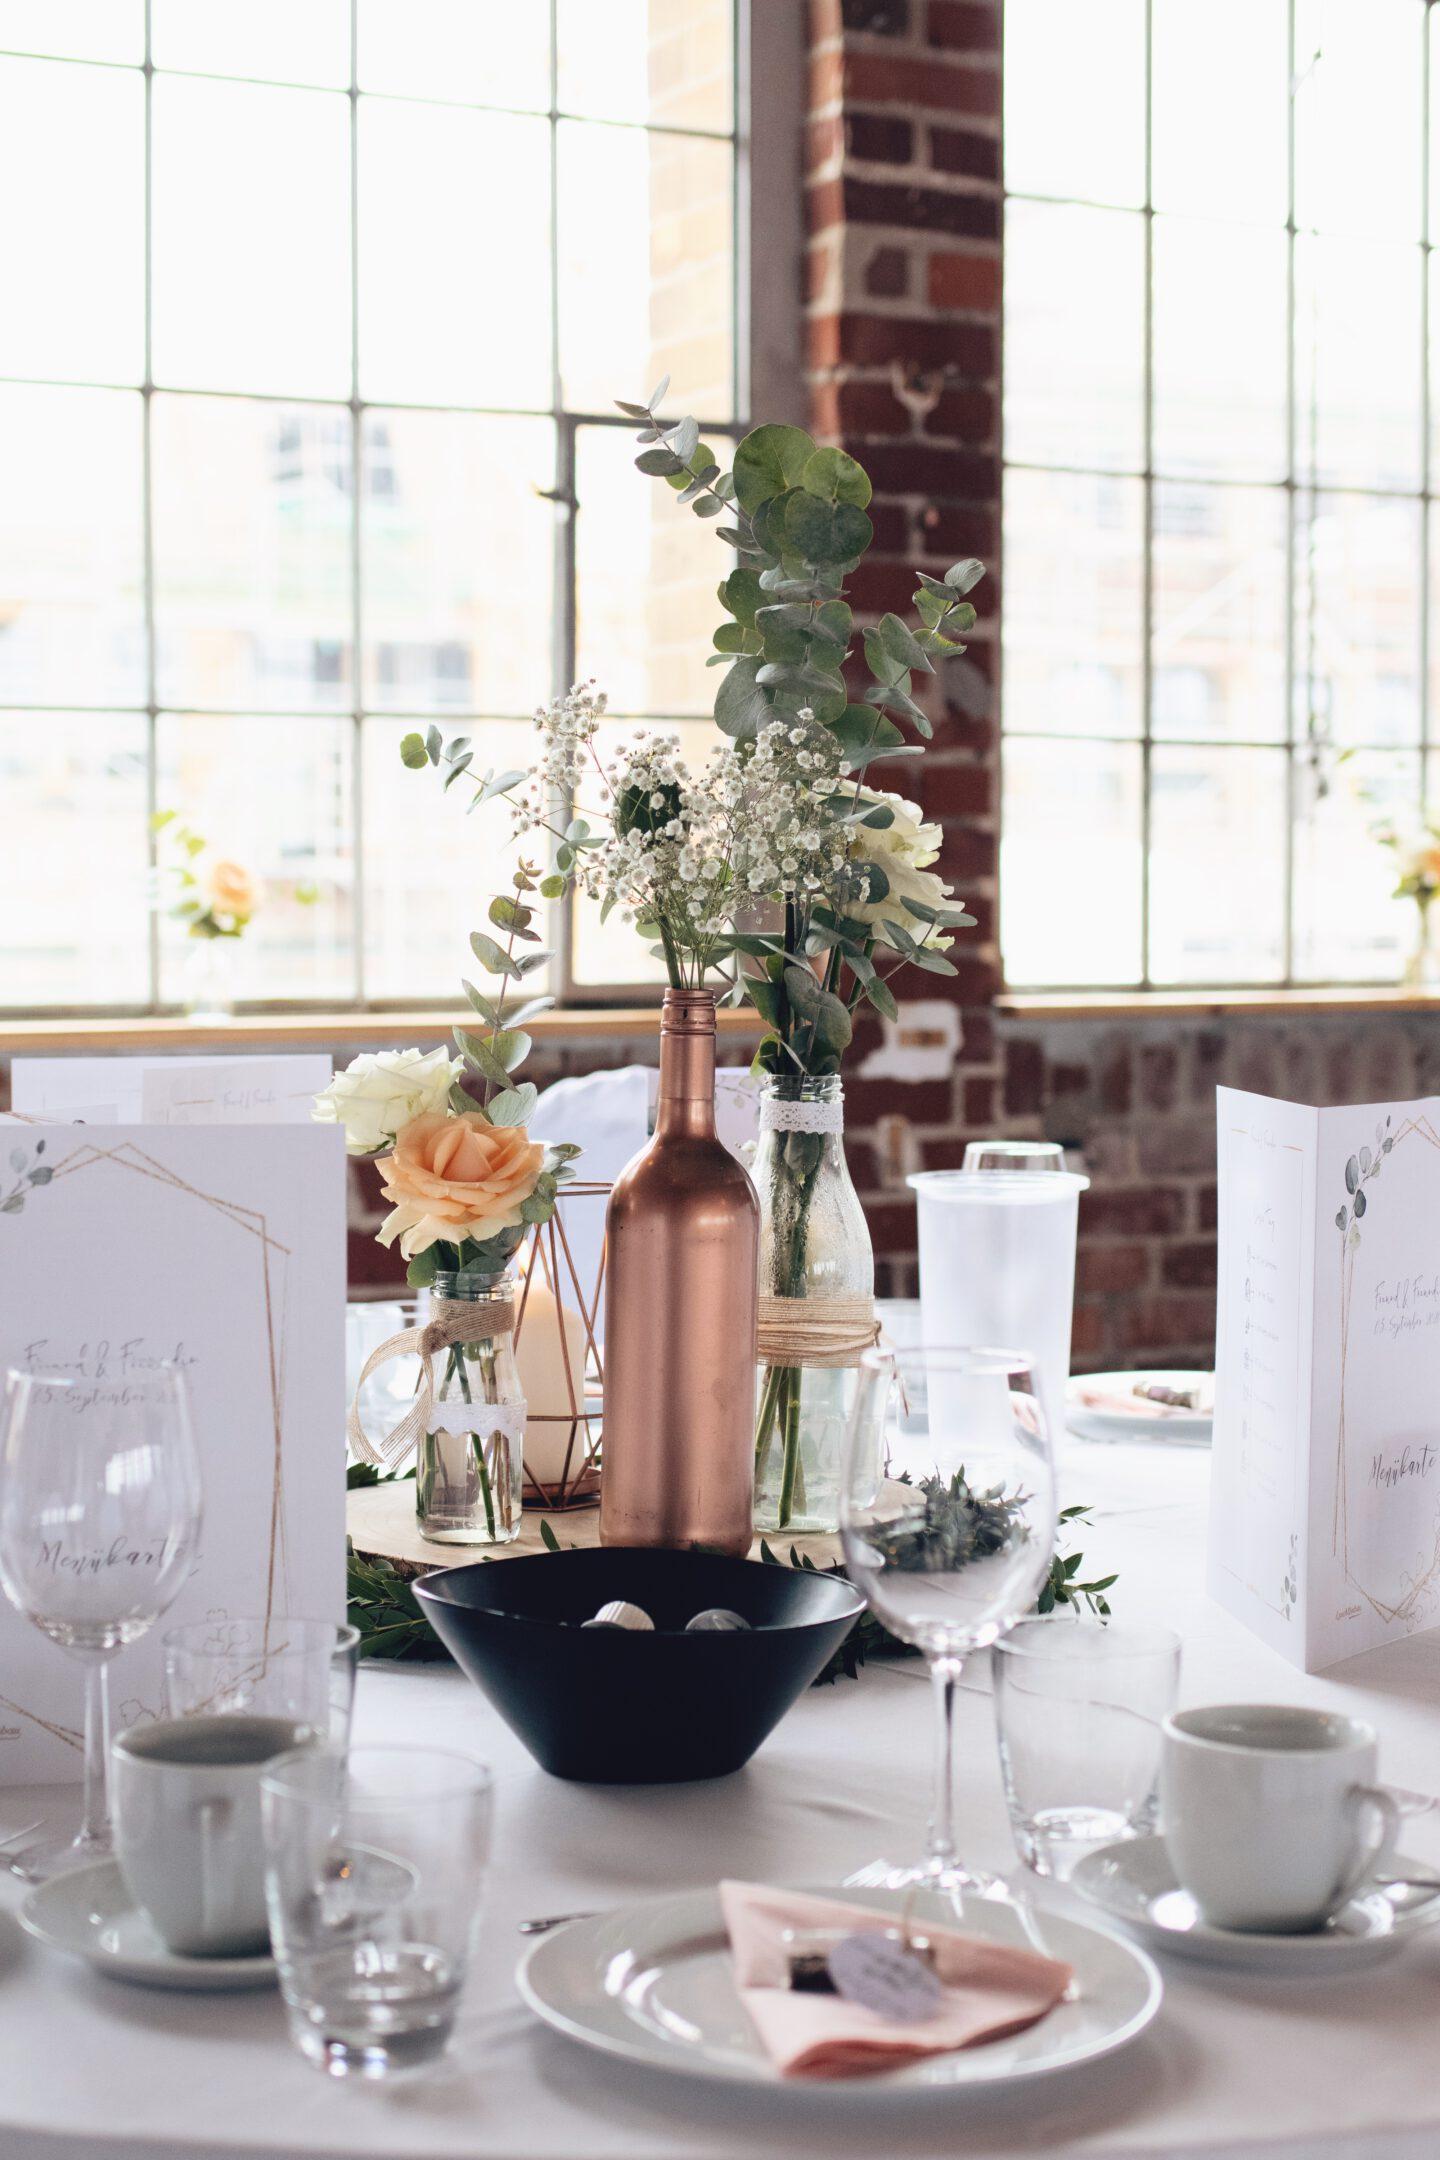 DIY Boho-Hochzeit: Deko mit Holzscheiben, kleinen Vasen, Kupferkerze und Eukalyptus